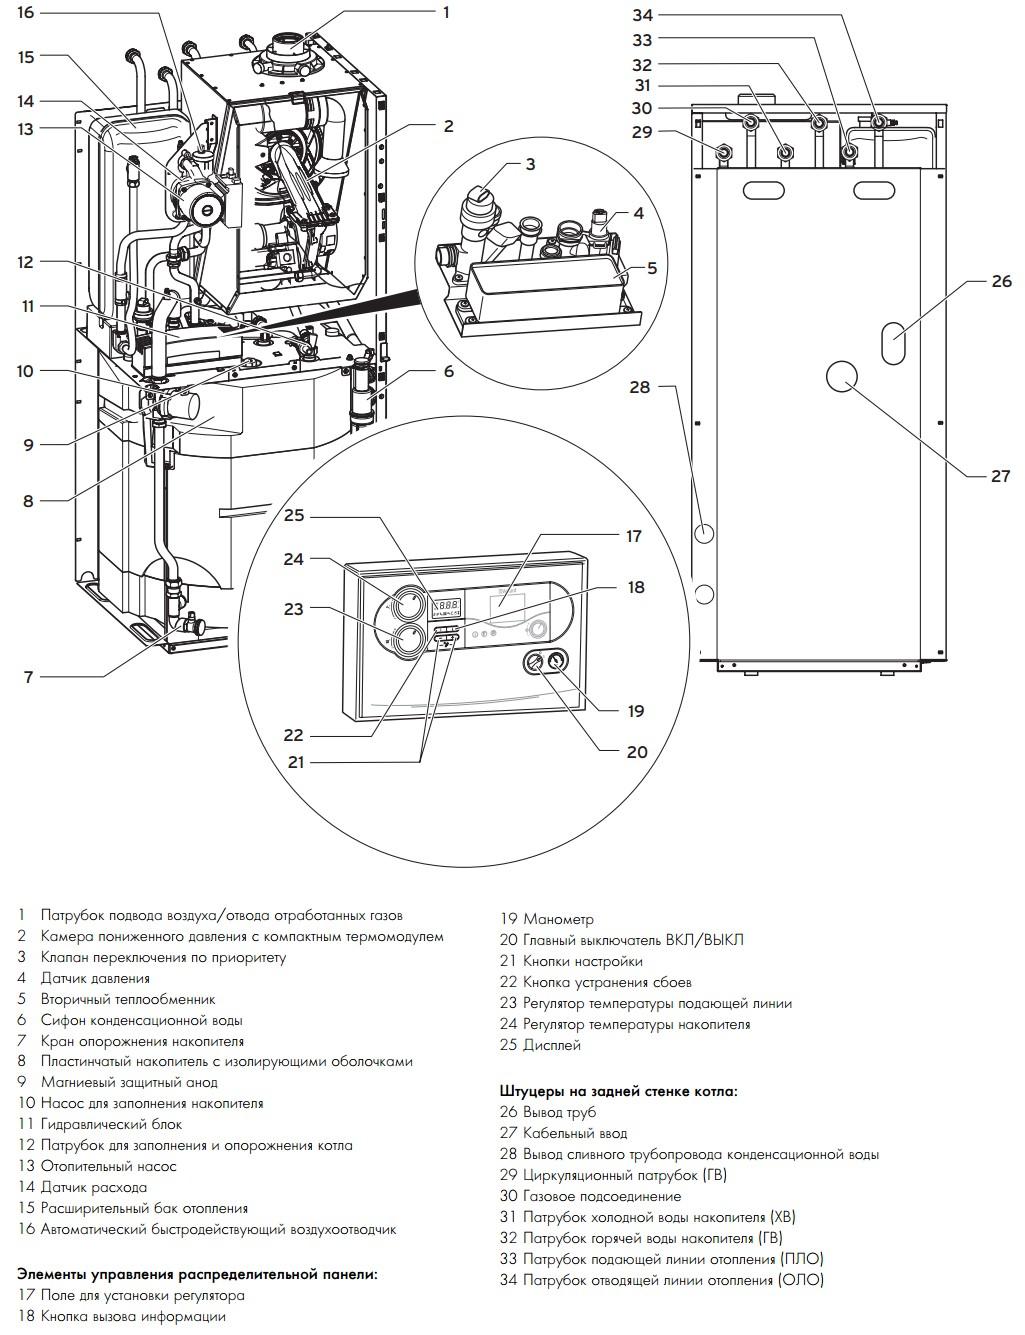 Газовые котлы вайлант инструкция